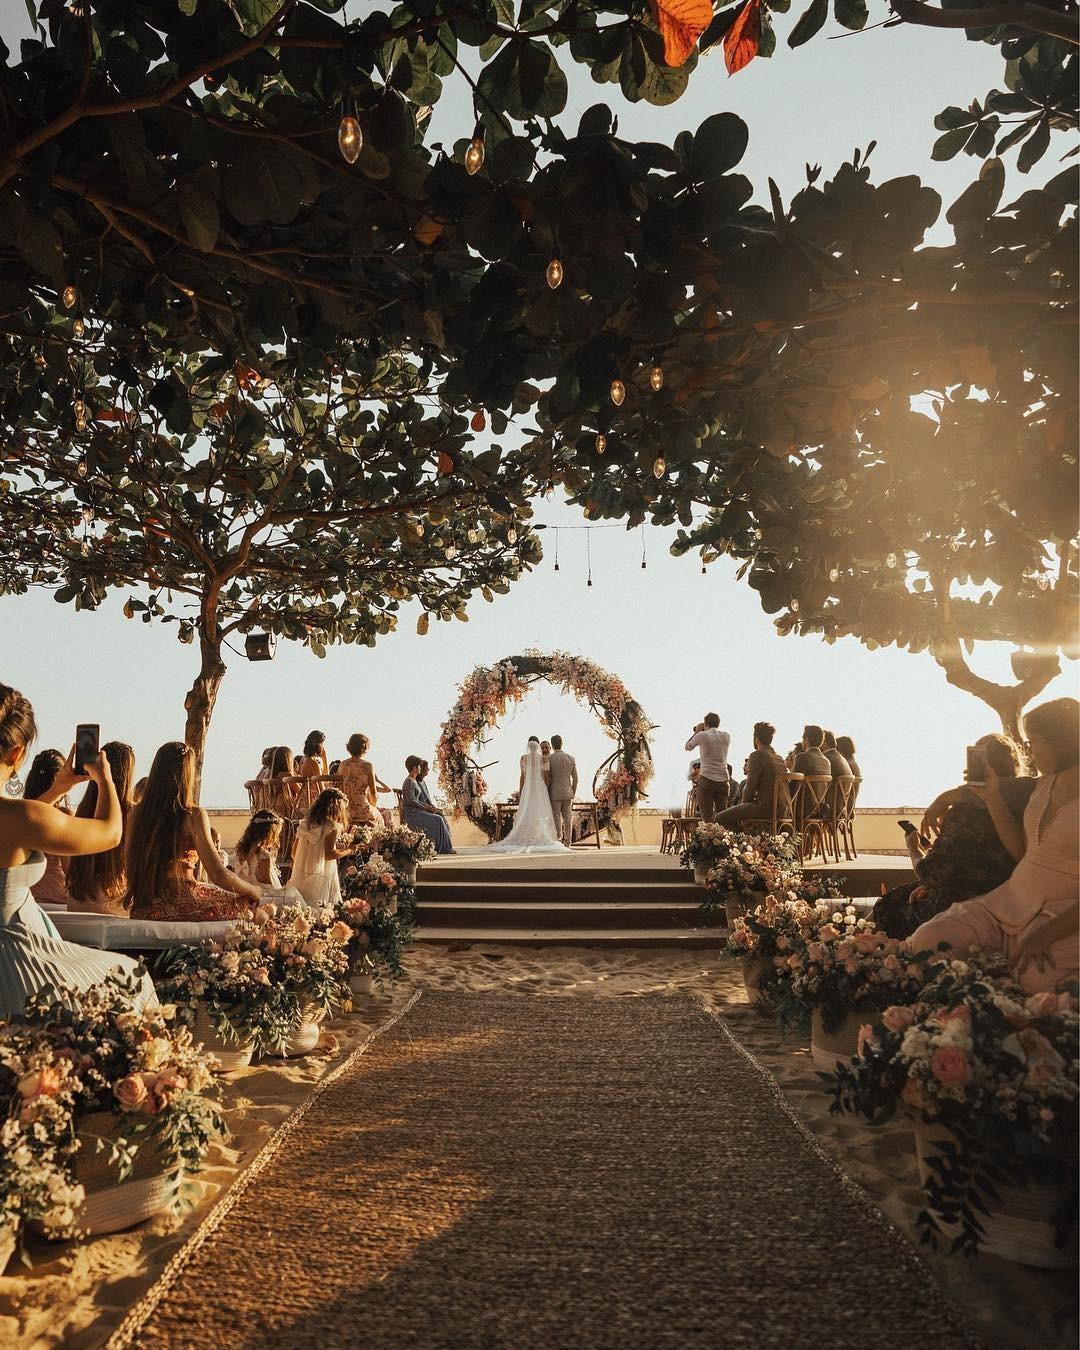 Camila Queiroz e Klebber Toledo se casam em Jericoacoara (Foto: divulgação)